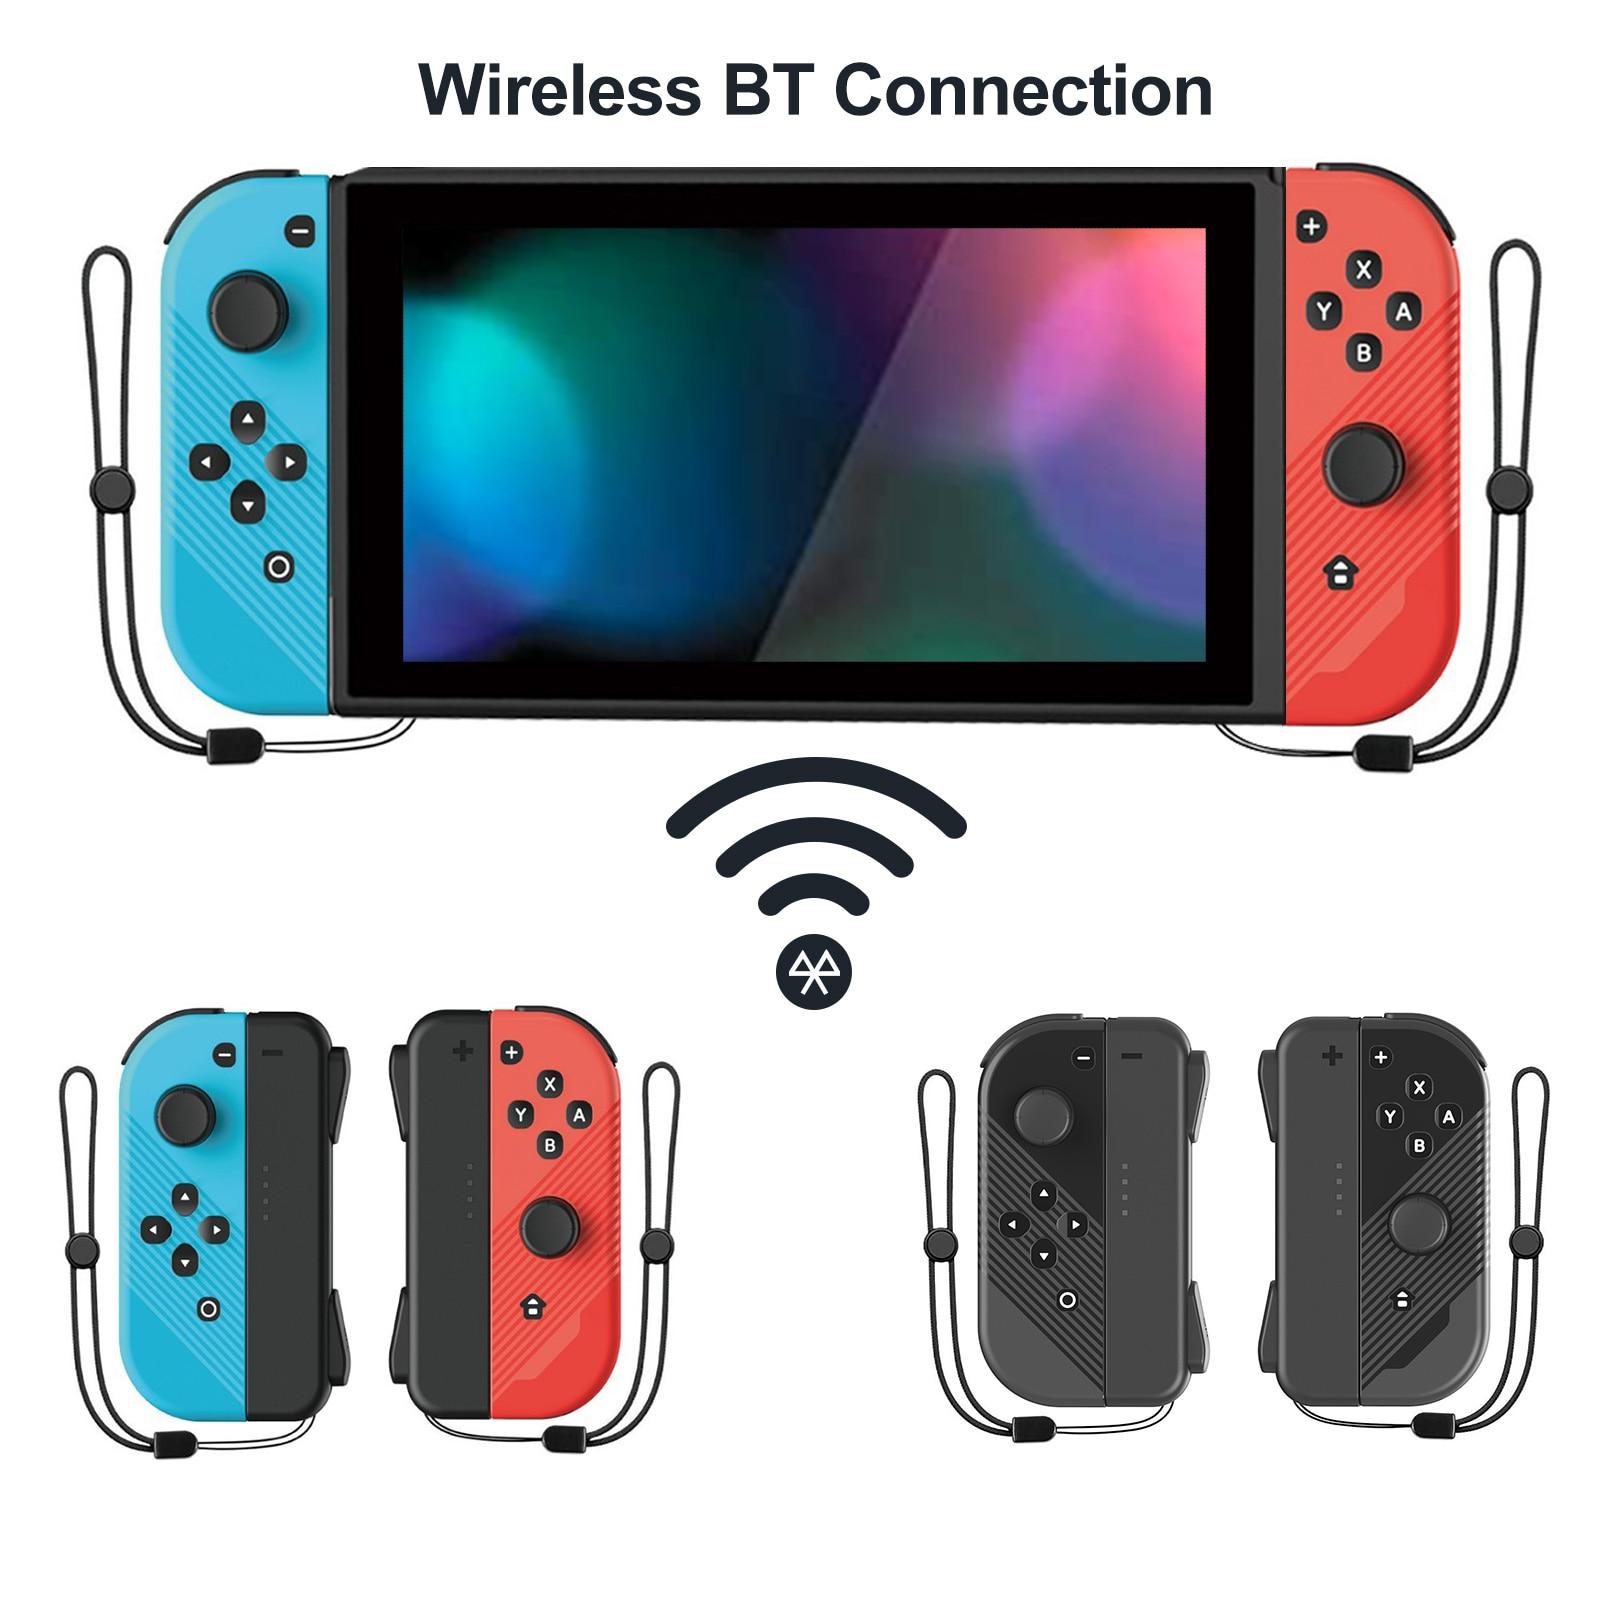 جديد 1 زوج اليسار واليمين الألعاب المقود أذرع التحكم في ألعاب الفيديو مقبض متوافق مع التبديل وحدة التحكم للكبار الاطفال صبي أسود/أزرق أحمر